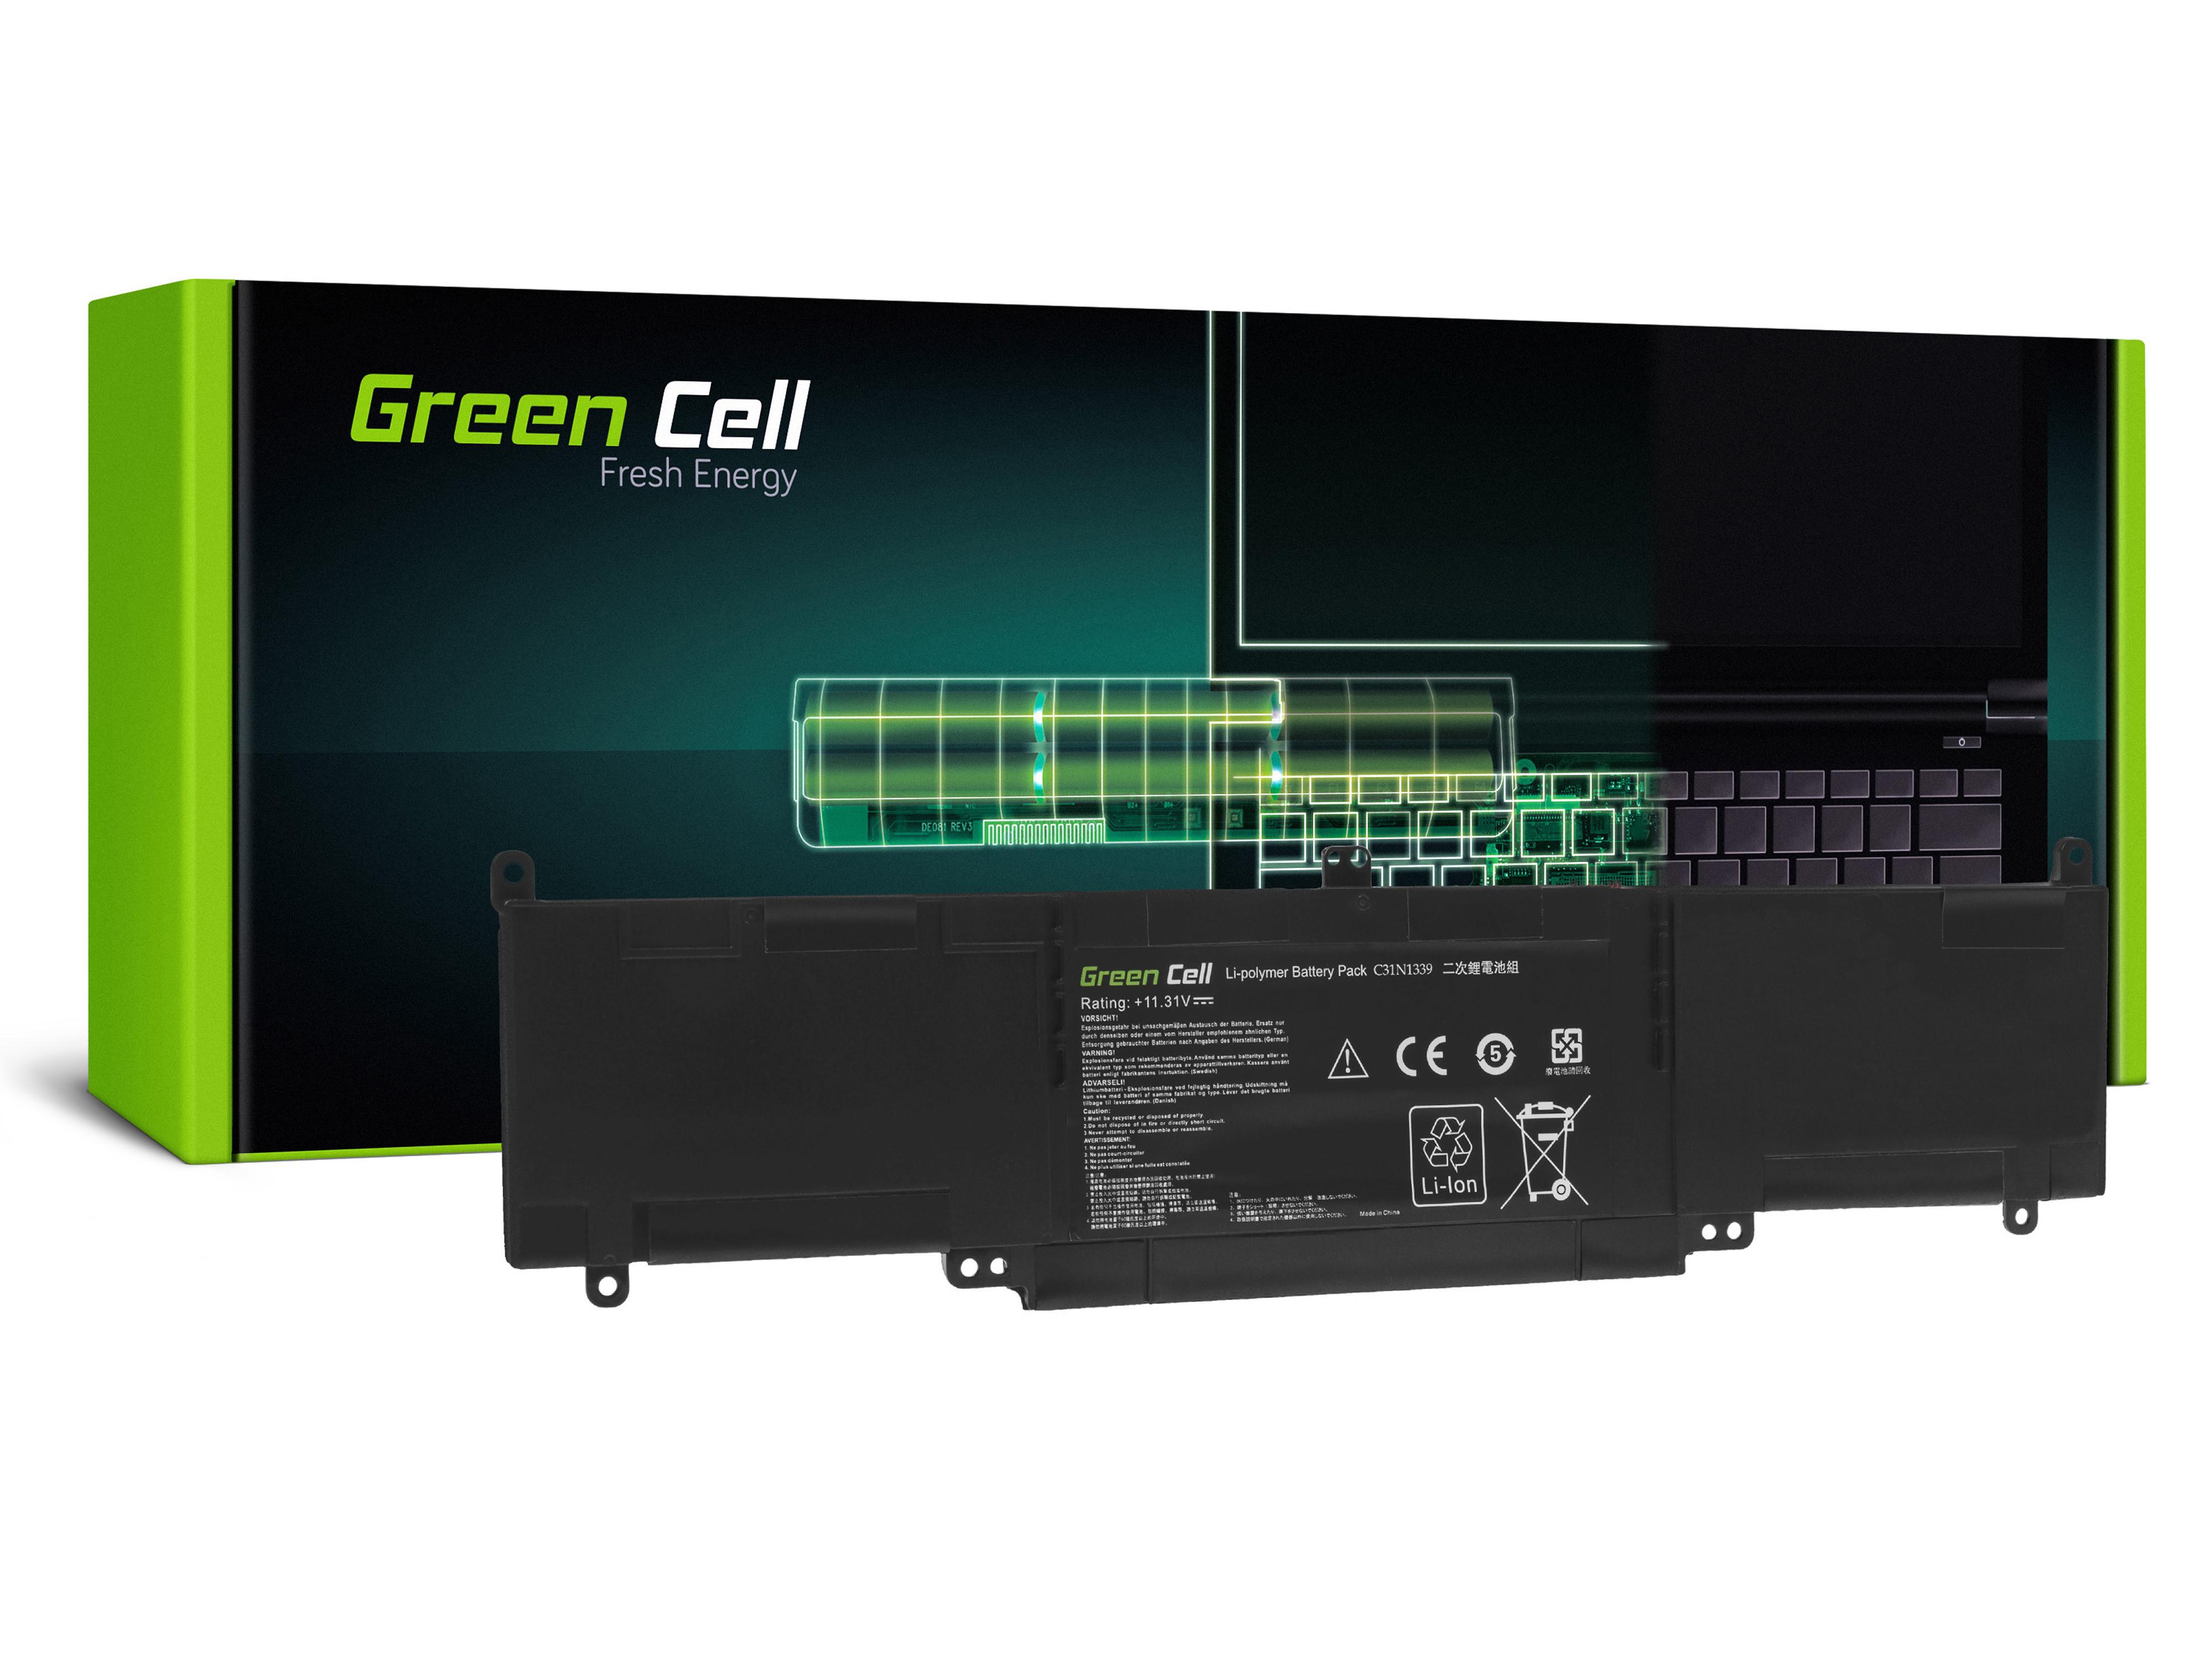 Green Cell C31N1339 Baterie pro Asus ZenBook UX303 UX303U UX303UA UX303UB UX303L Transformer Book TP300L TP300LA TP300LD TP300LJ